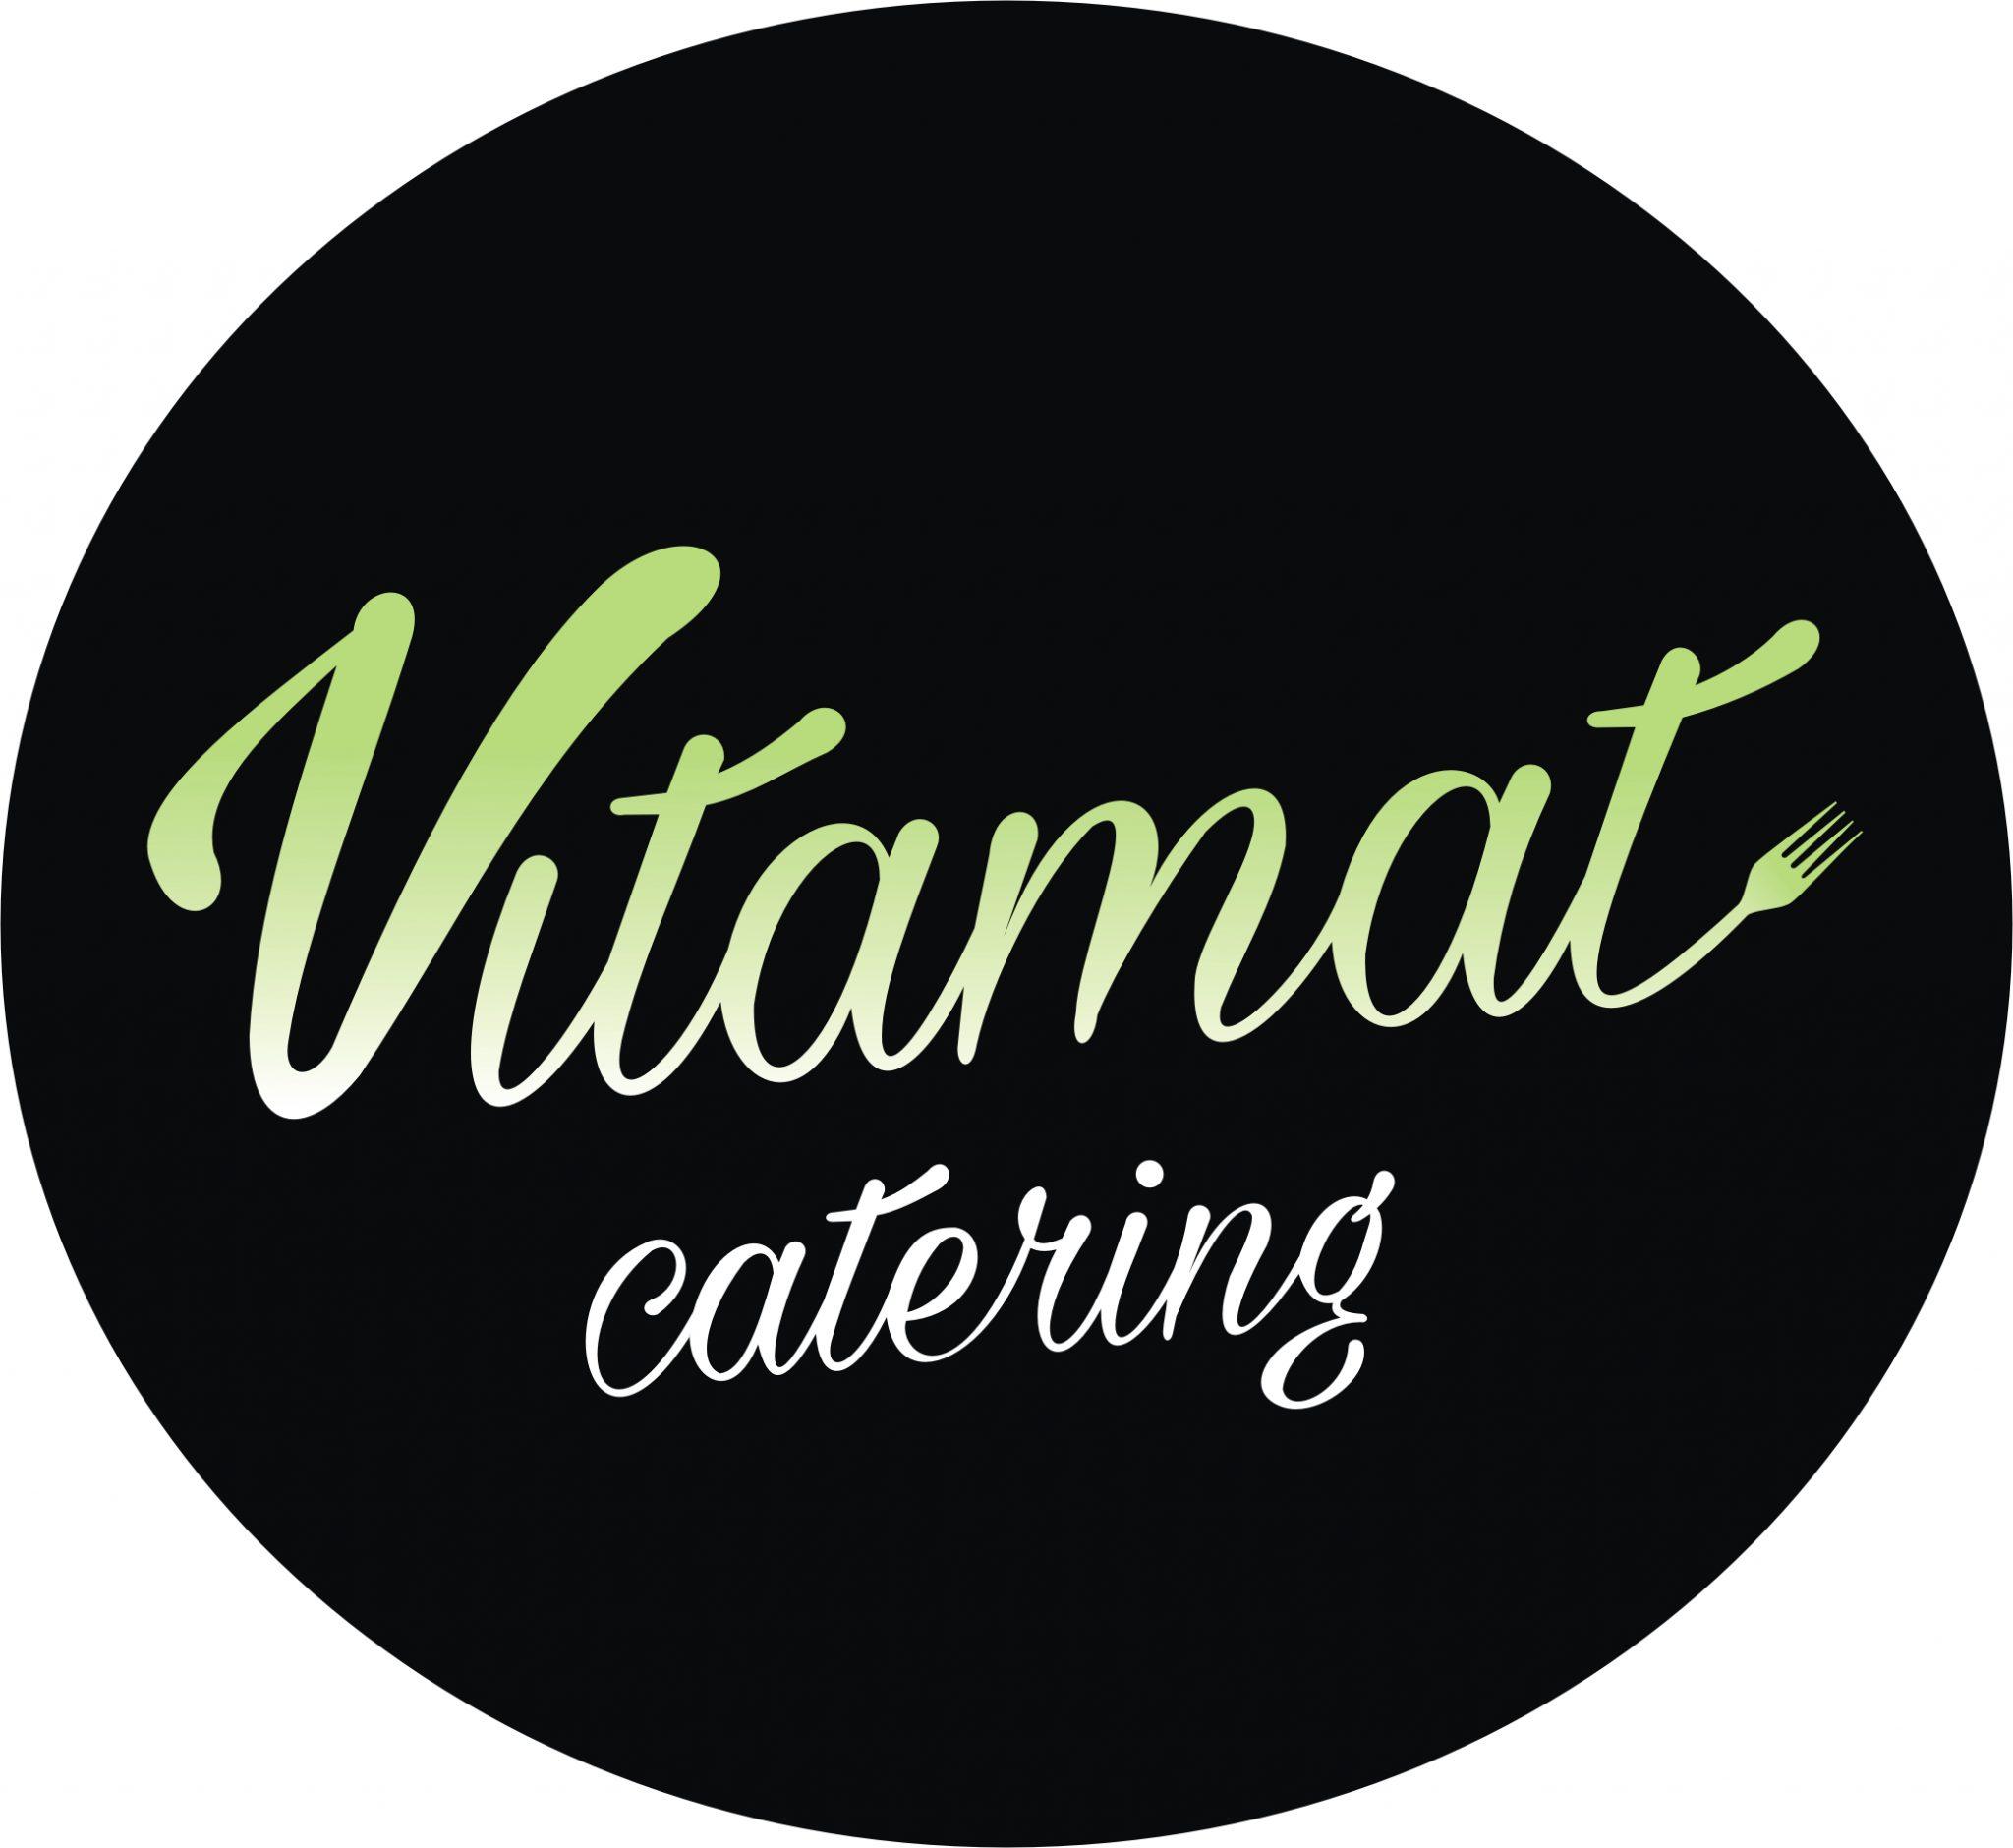 Vitamat LOGO